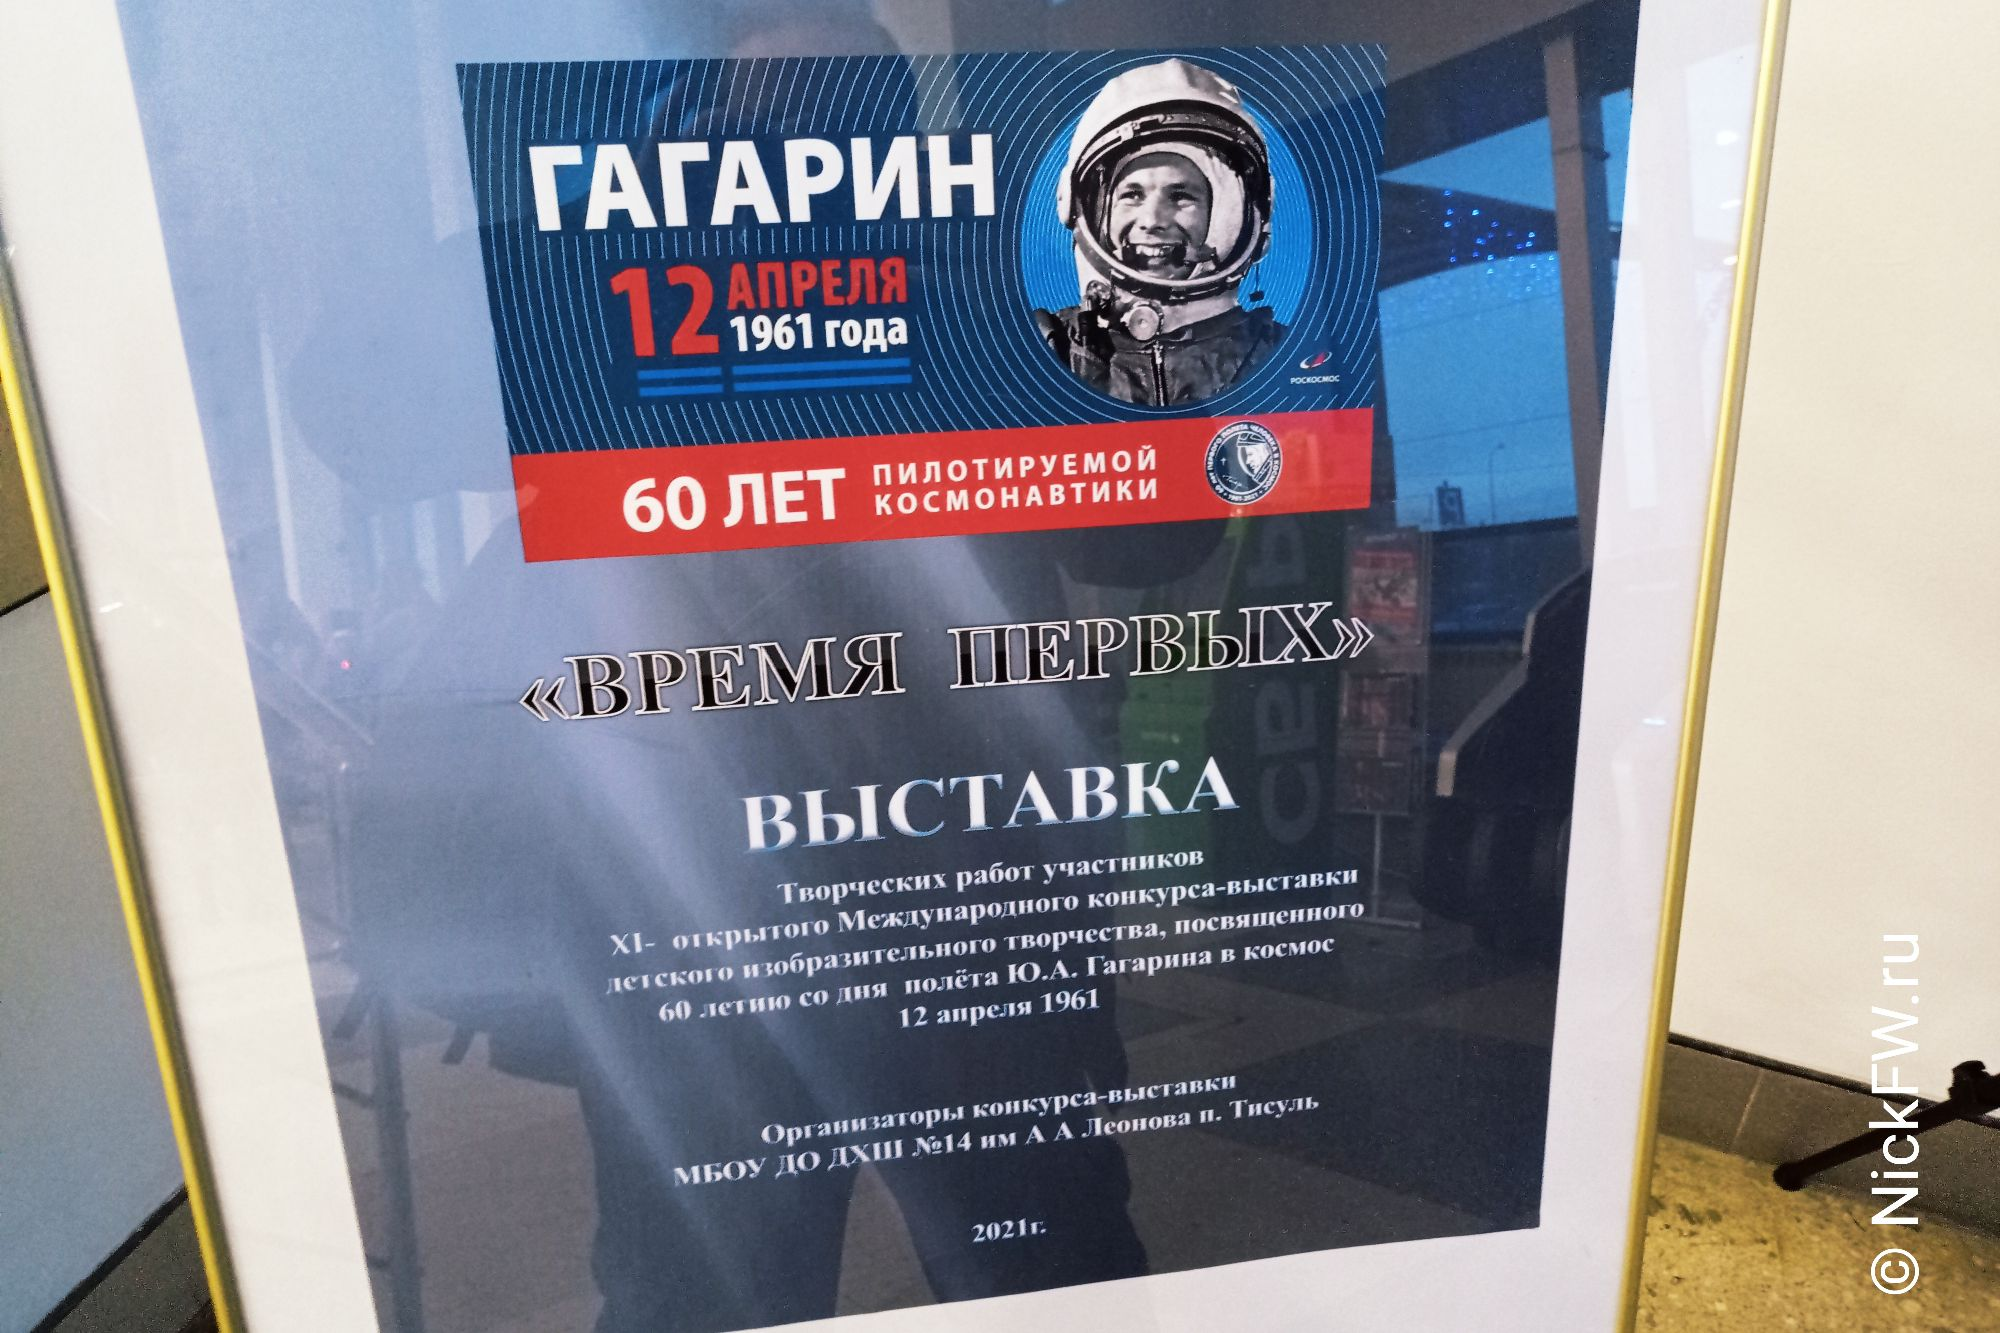 """1. Выставка """"Время первых"""" - аэропорт Кемерово © NickFW.ru - 12.04.2021г."""